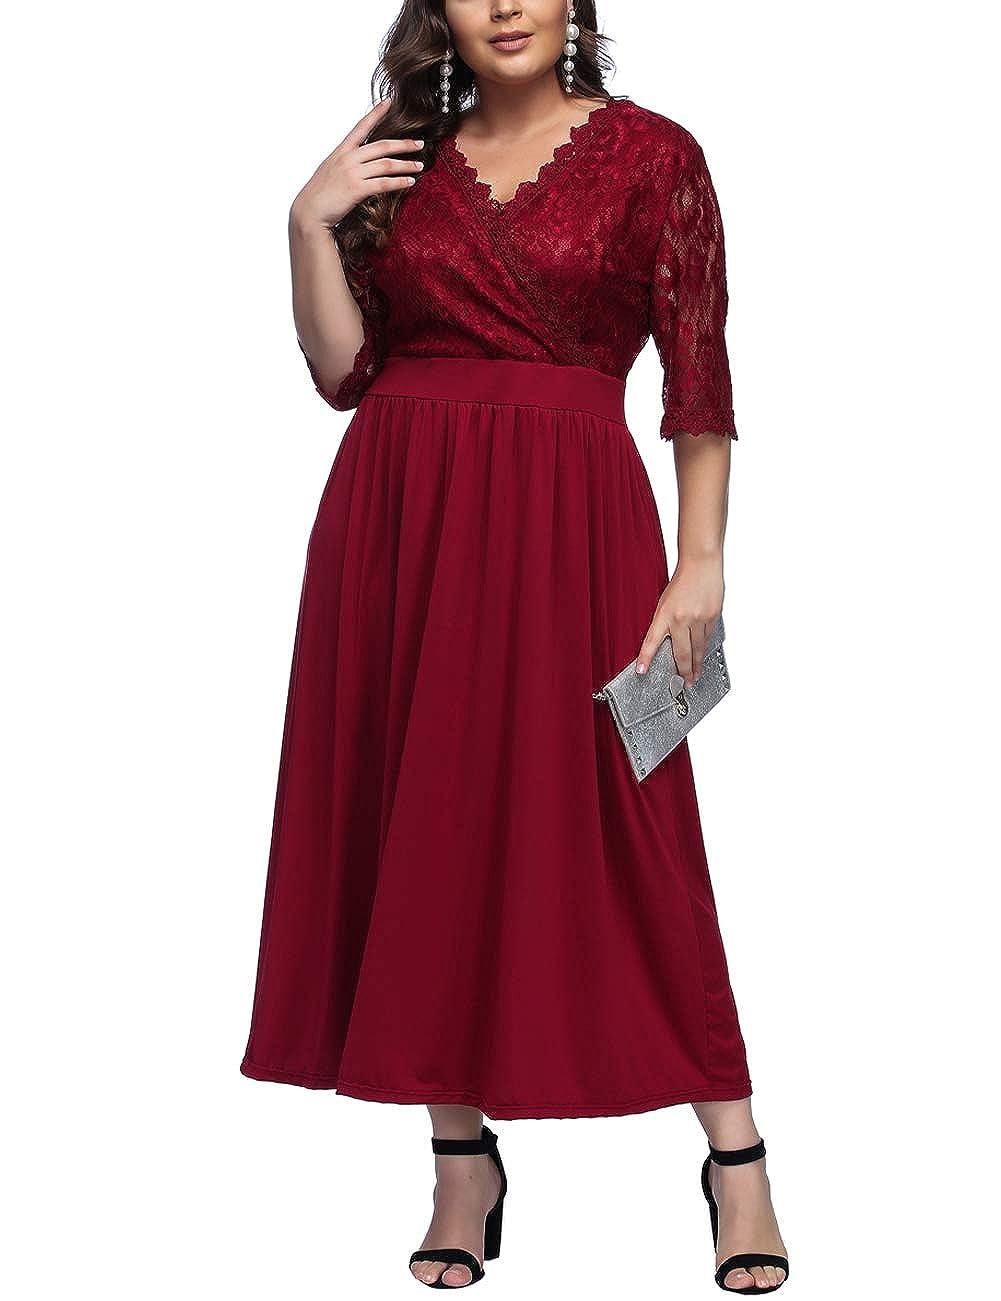 TALLA 3XL/ES 54-56. FeelinGirl 1950 Año Retro A-Línea Falda de Fiesta para Mujer Encaje-rojo 3XL/ES 54-56